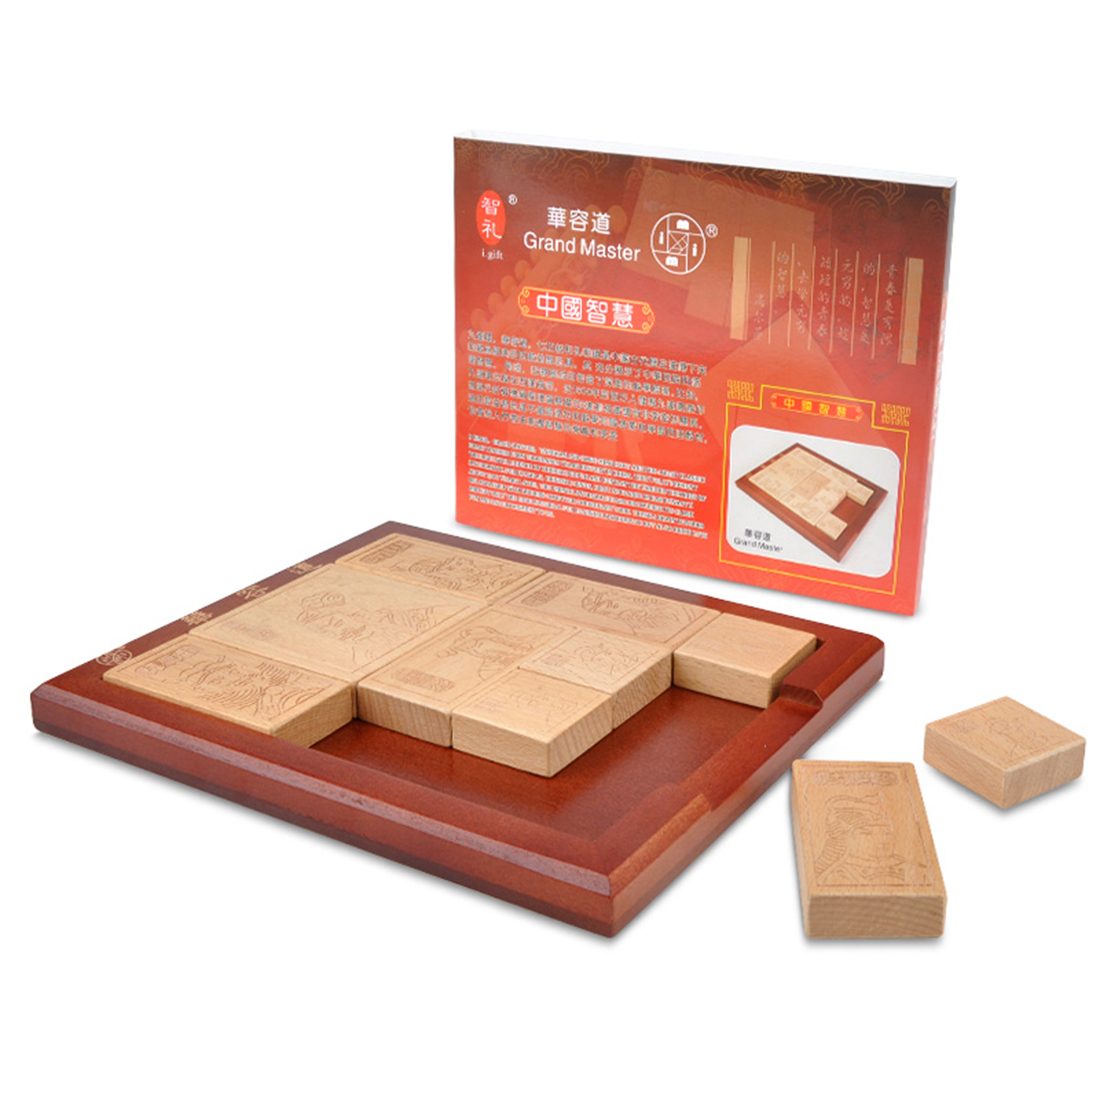 Classique chinois jeu en bois jouet Huarong Dao chemin Klotski coulissant Puzzle cerveau Teaser développement éducatif jouet